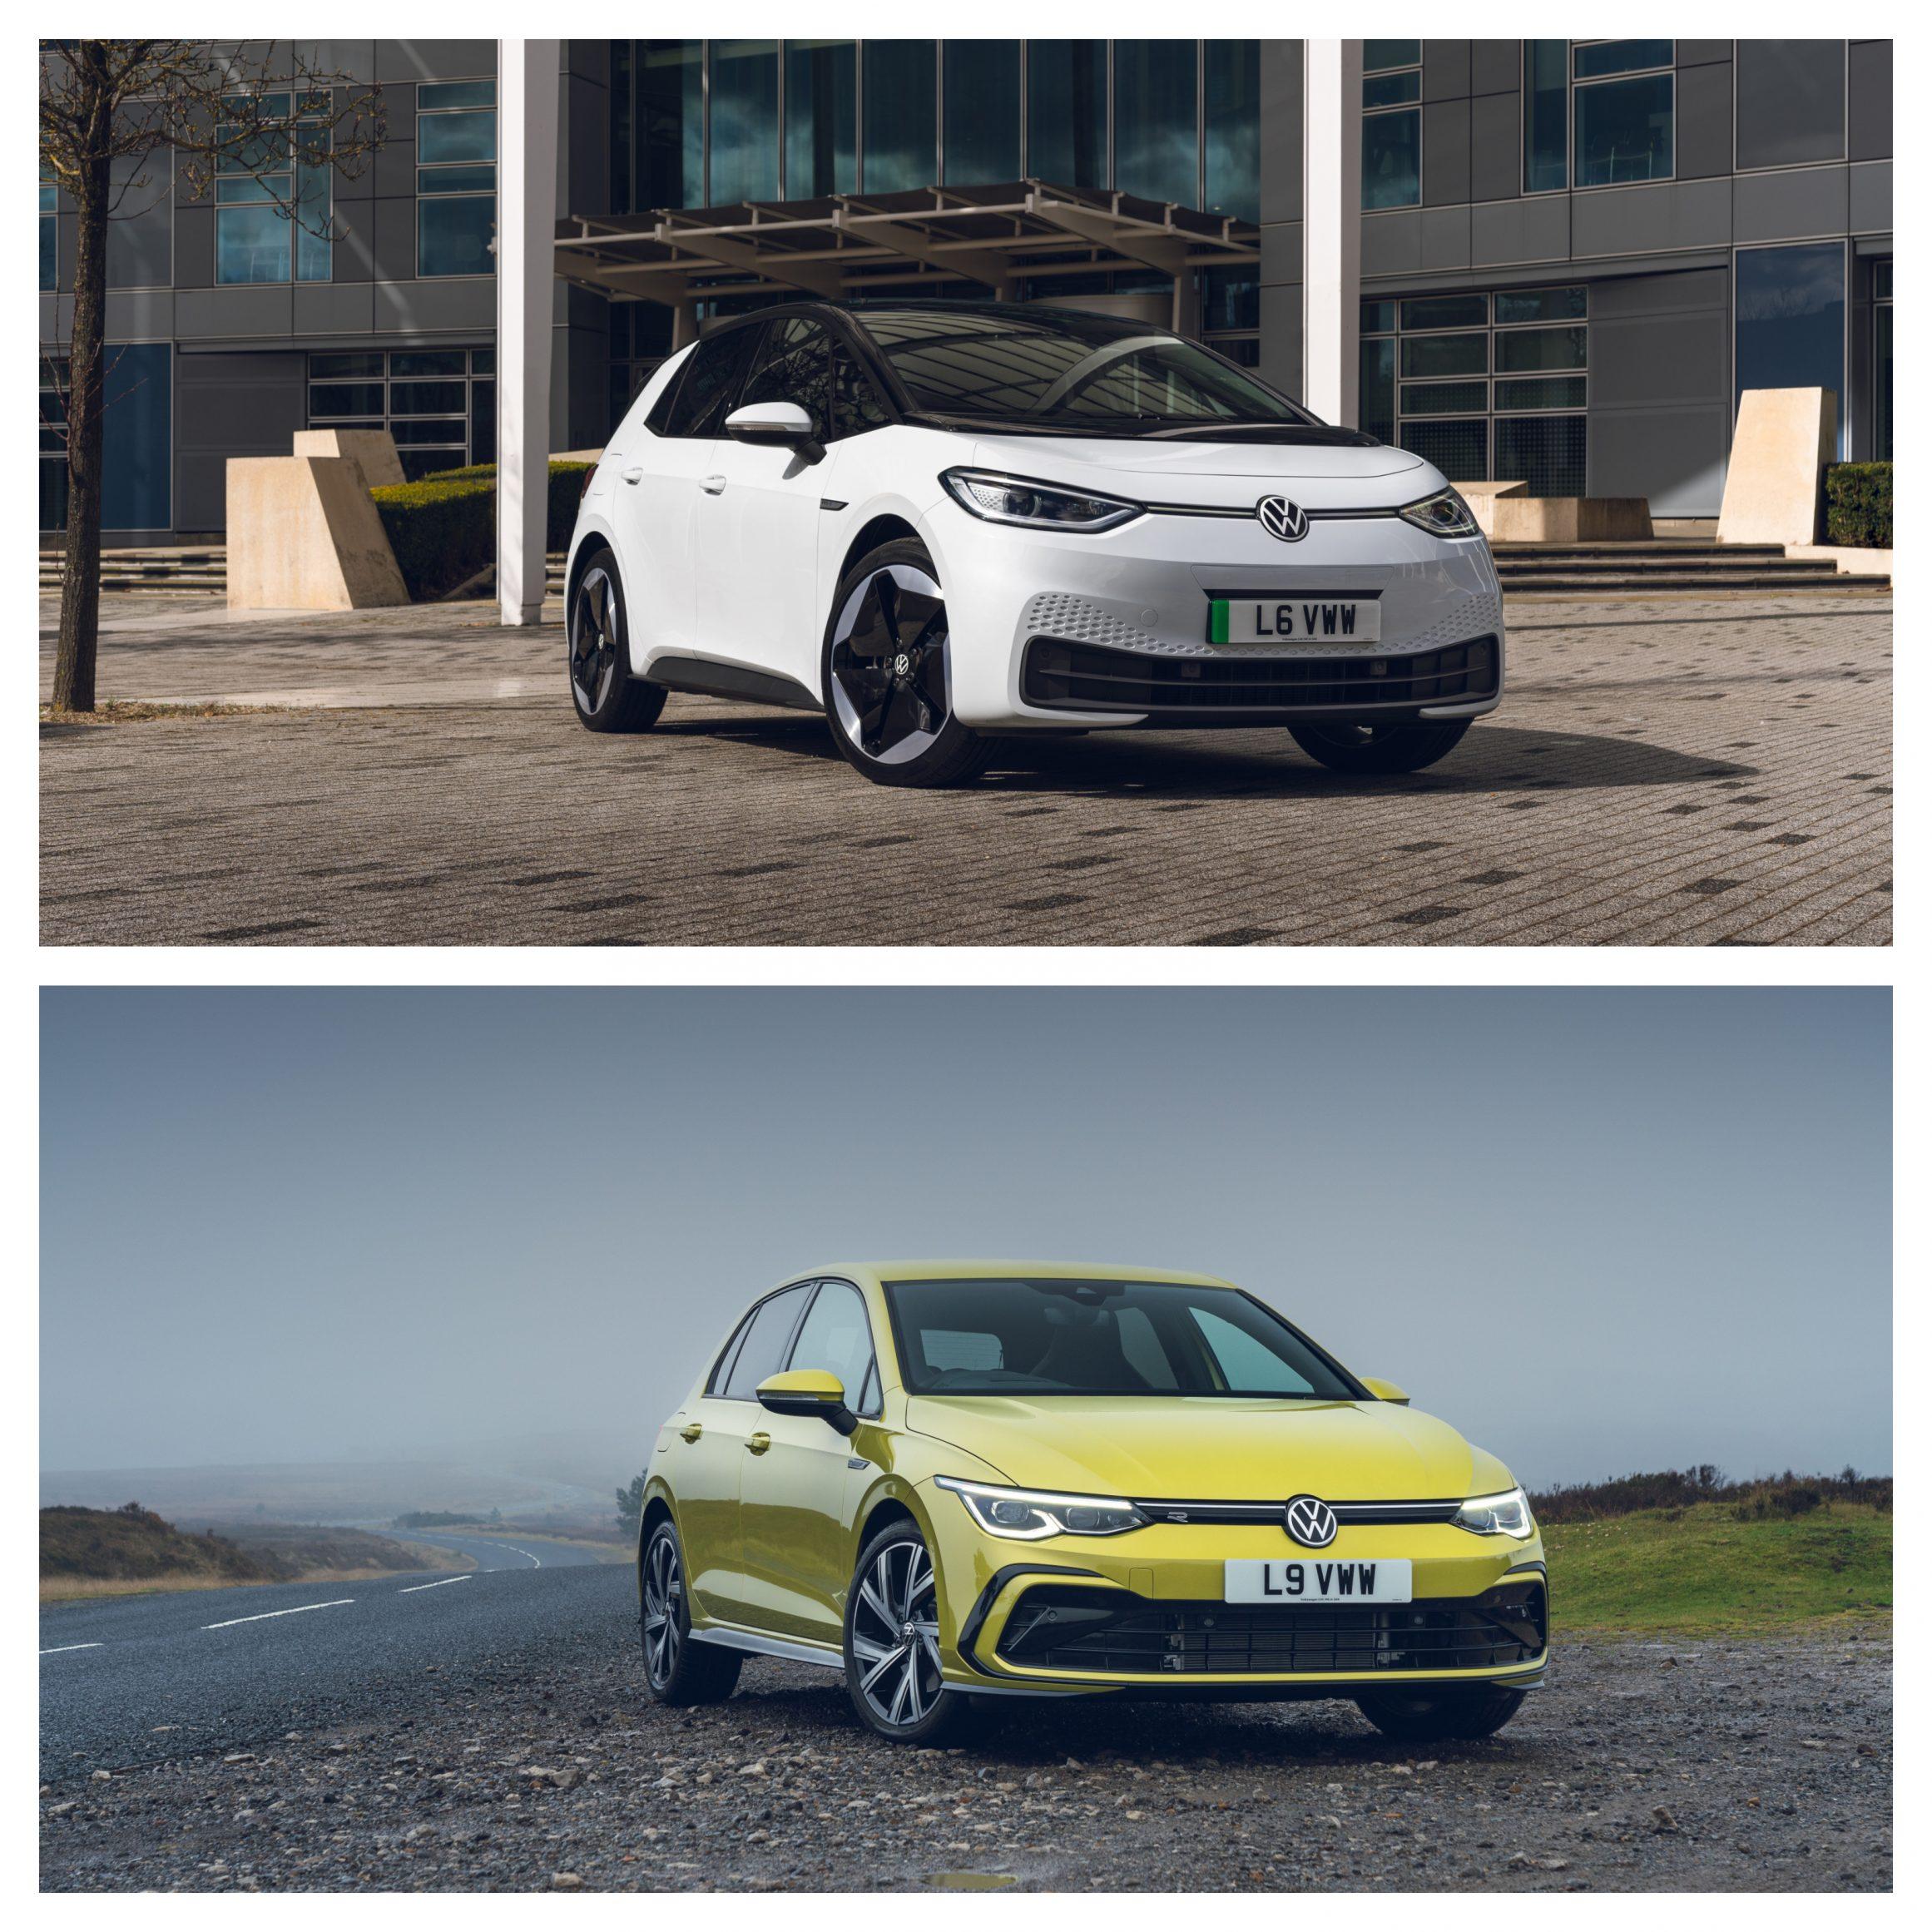 Volkswagen ID.3 Vs Volkswagen Golf - design